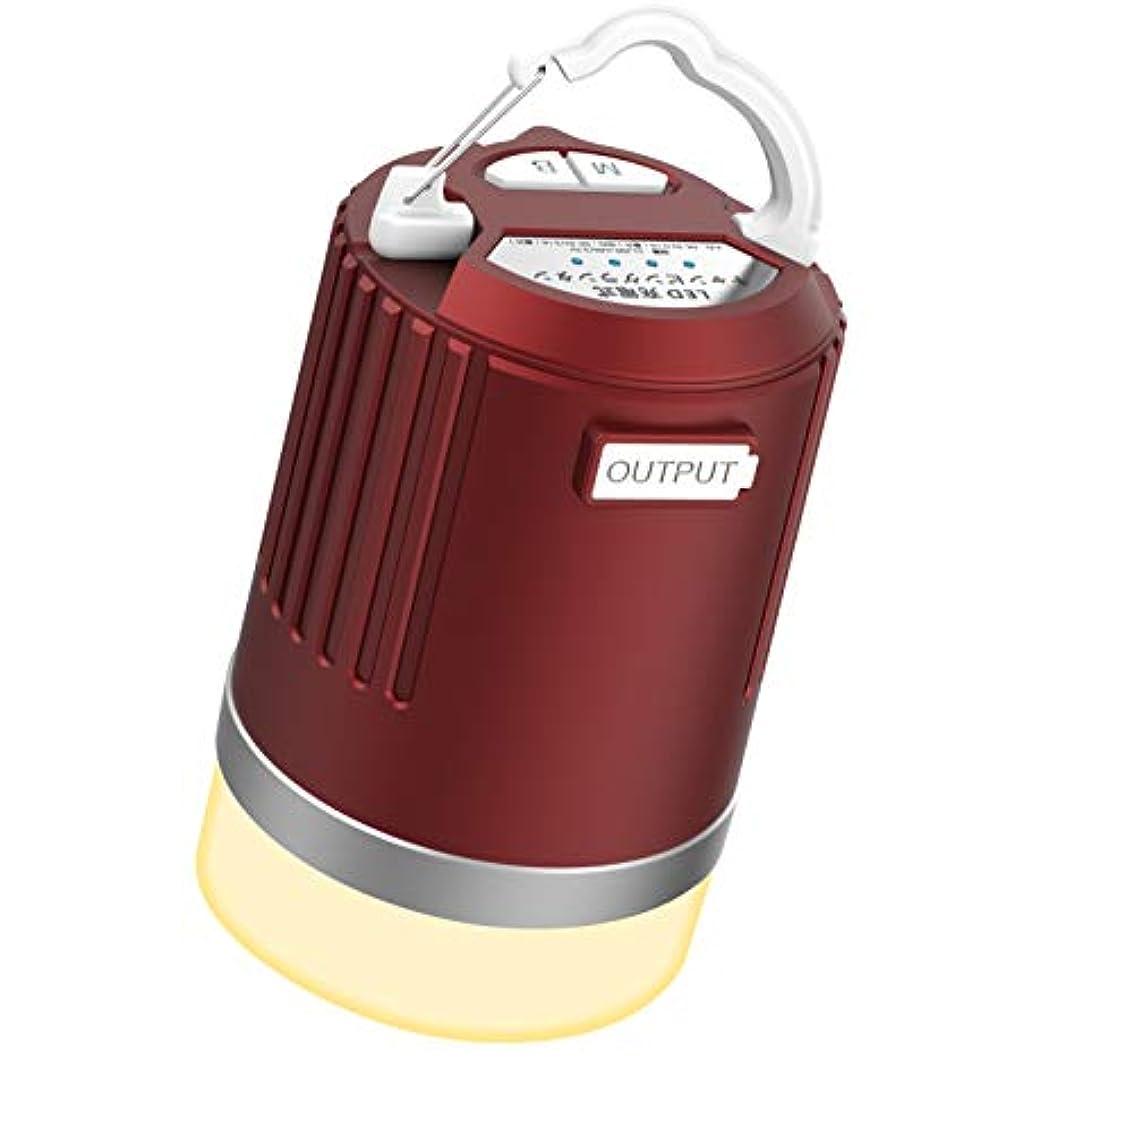 バリーアイロニー助言するSuperway LEDランタン3色切替 電球色 自然白 昼白色 無段階調光 充電式11200mAhモバイルバッテリー IP65バーベキュー アウトドア携帯キャンプ用品/応急停電用 連続点灯510時間